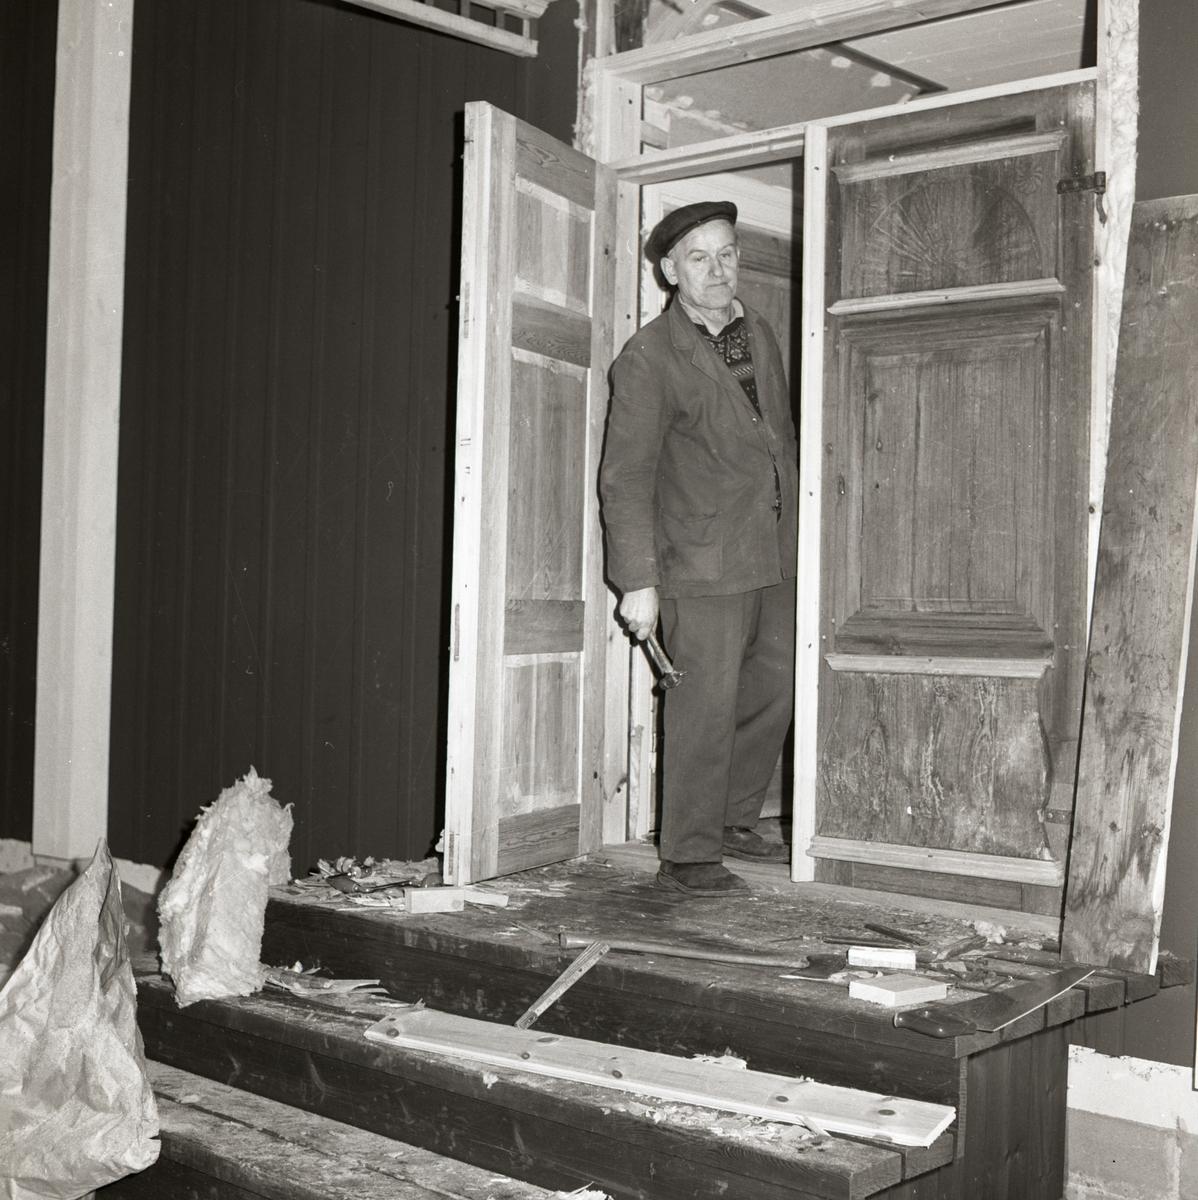 En man står i en dörröppning, 1967-68.